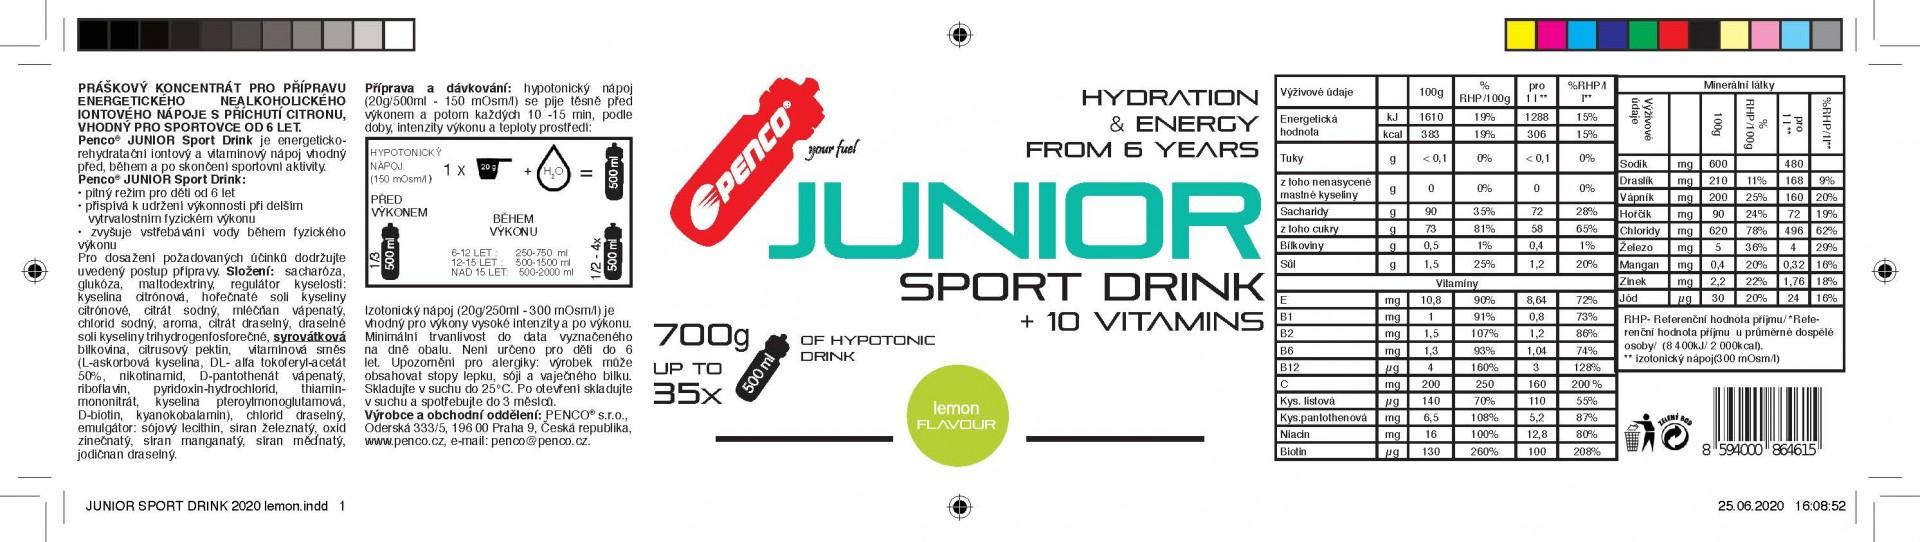 Iontový nápoj pro děti   JUNIOR SPORT DRINK 700g   Citron č.3